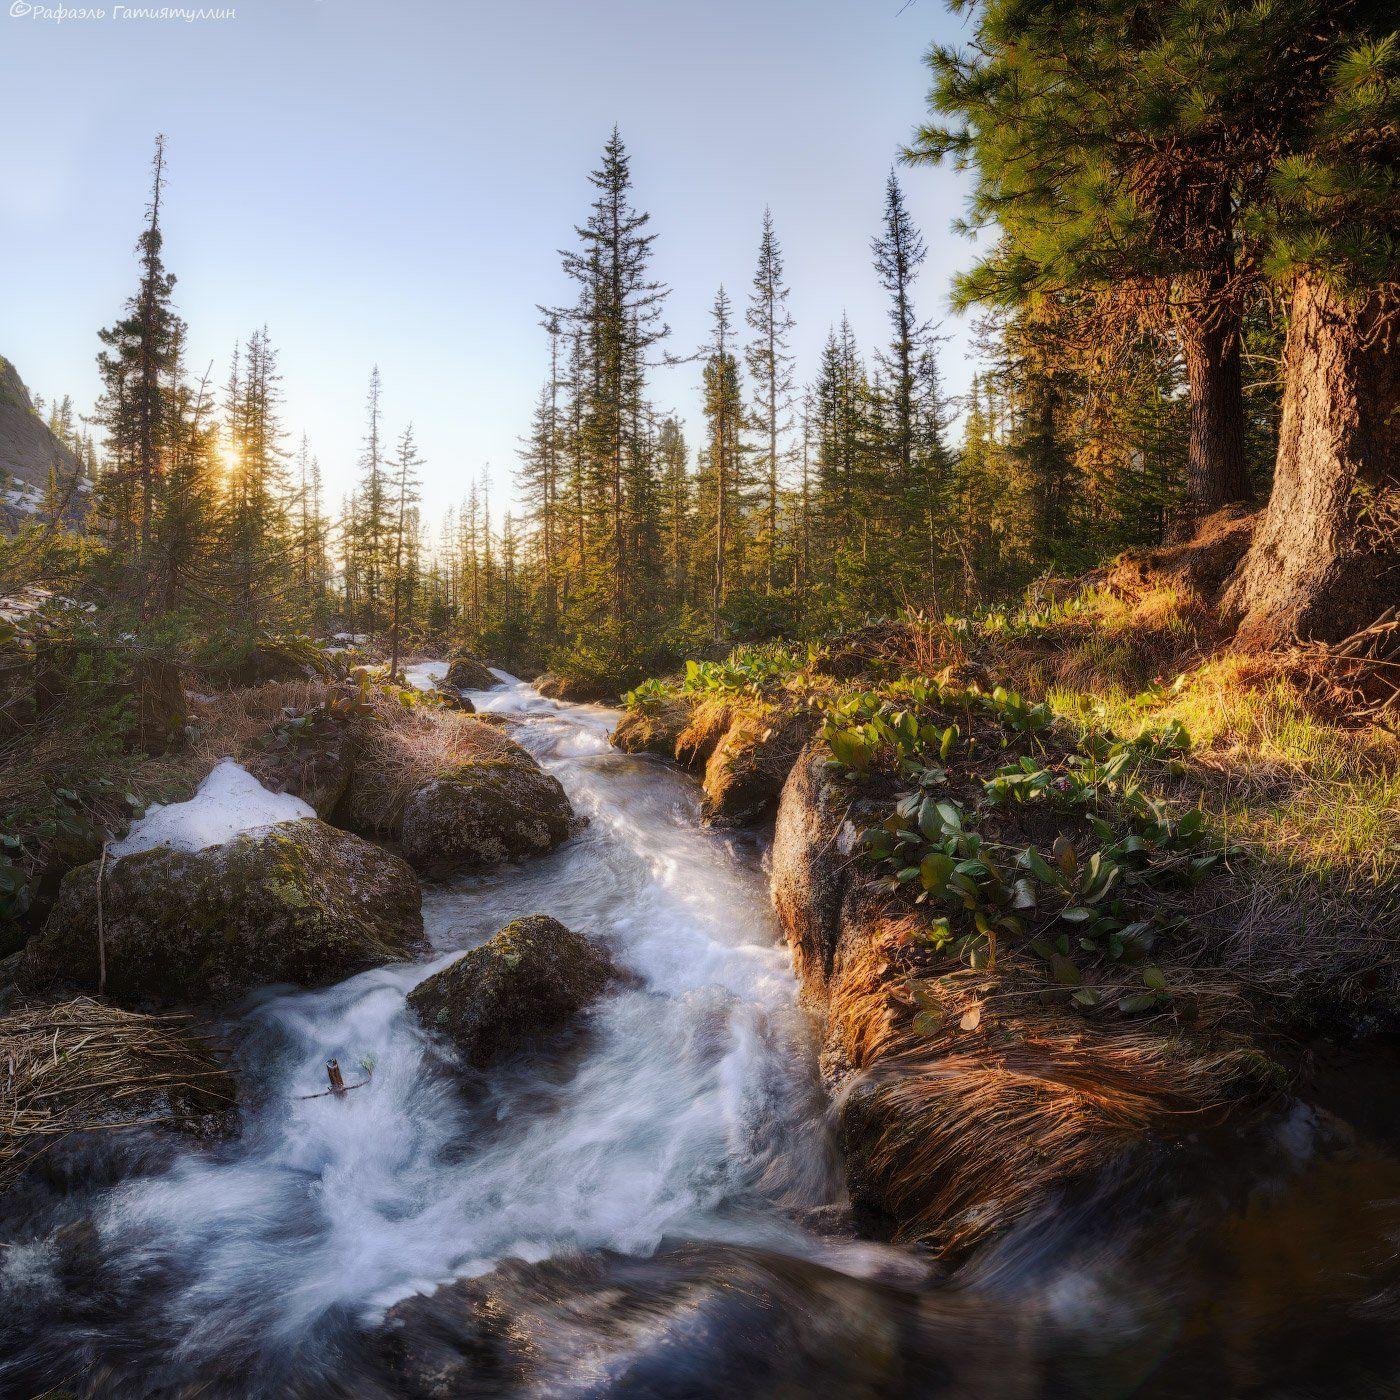 красноярский край, западные саяны, национальный парк  ергаки, озеро, закат, лазурное, покой, природа, ручей., Рафаэль Гатиятуллин